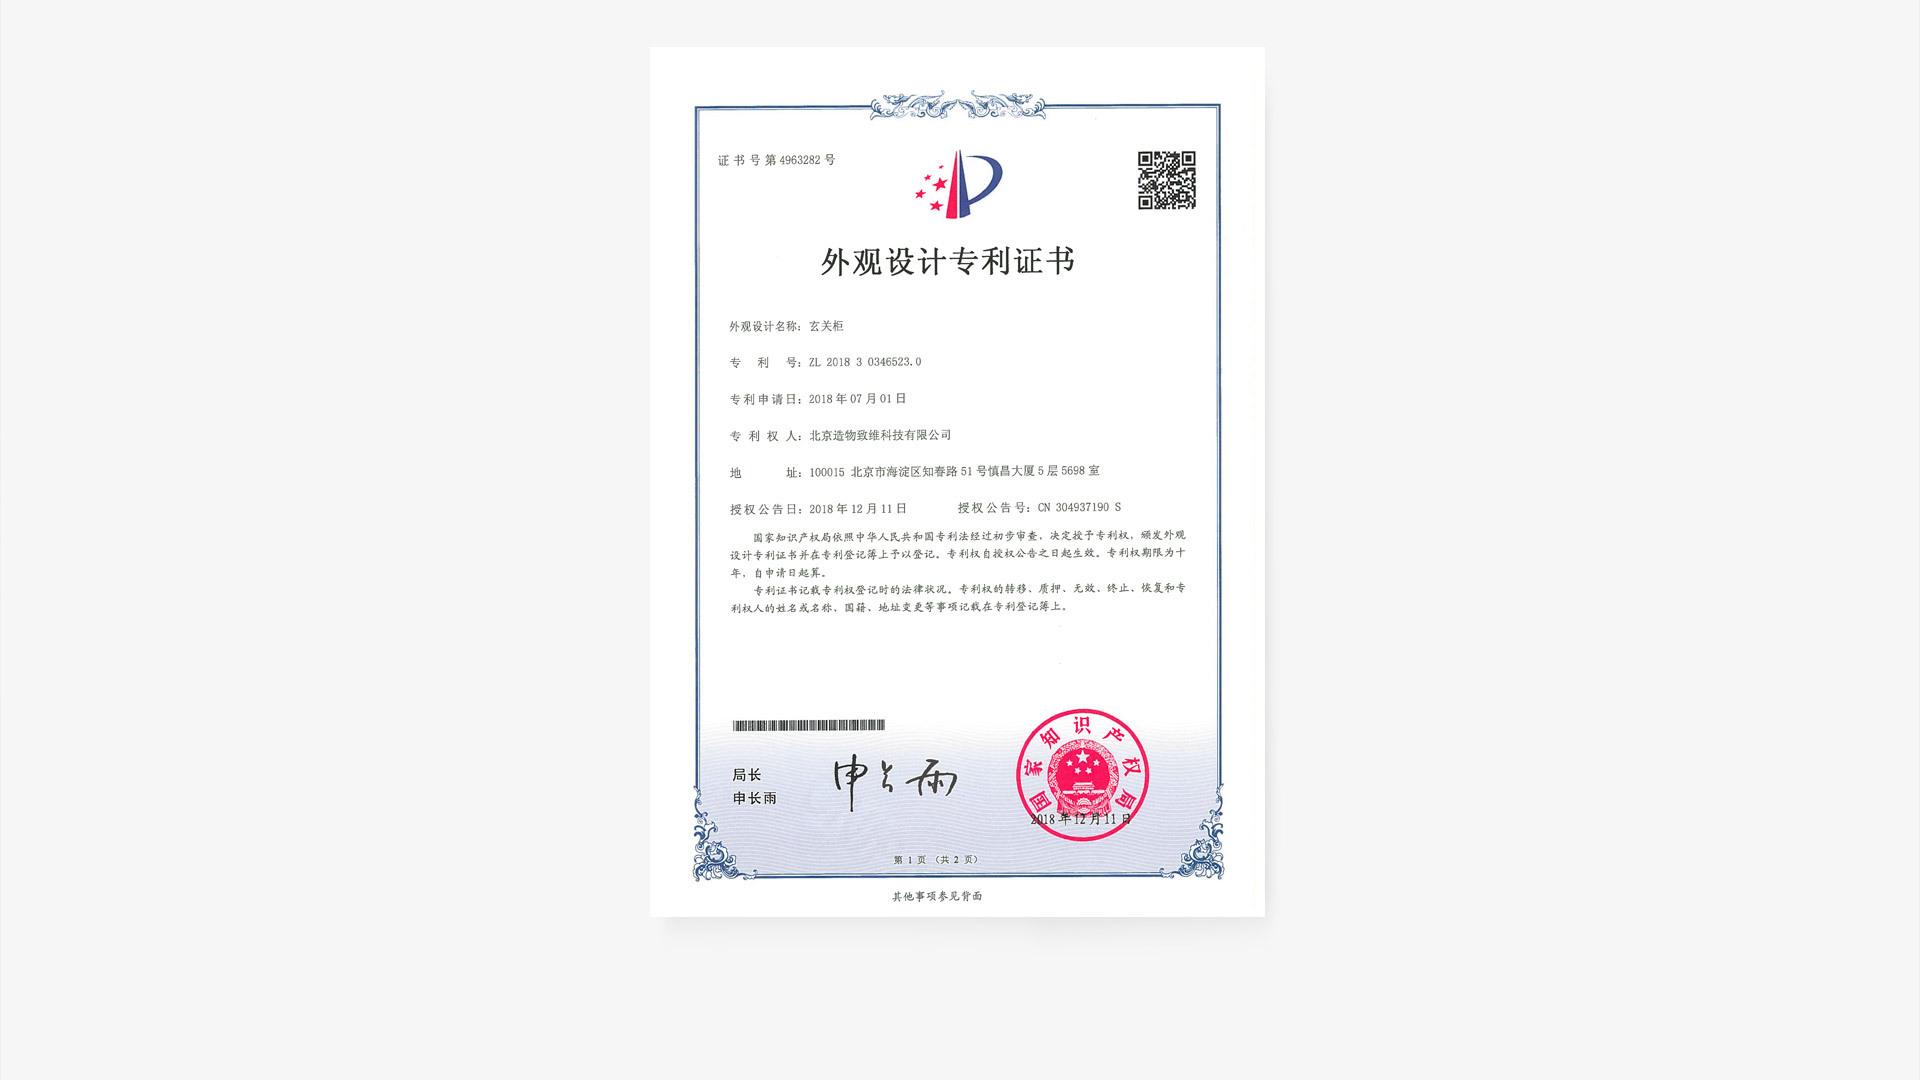 独有的形态与色彩自然结合,带来惊艳而舒适的视觉体验,获得国家外观设计专利授权(中国专利号 ZL 2018 3 0346523.0)